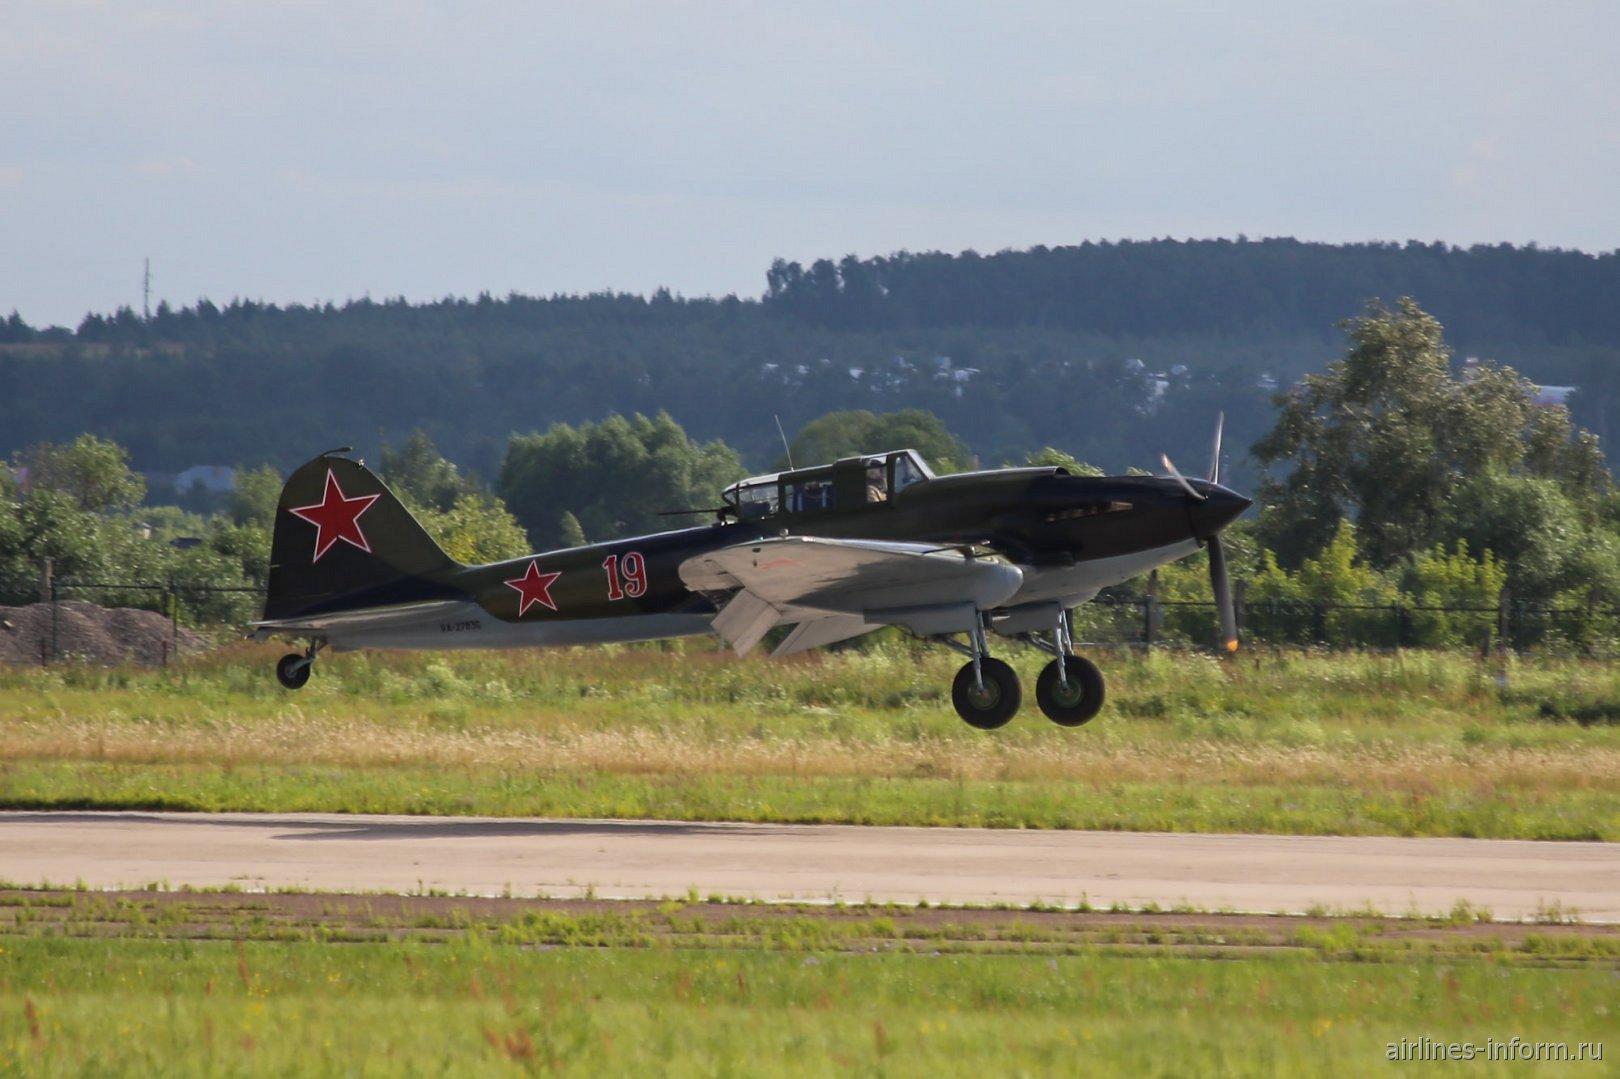 Штурмовик Ил-2 в полете на авиасалоне МАКС-2017